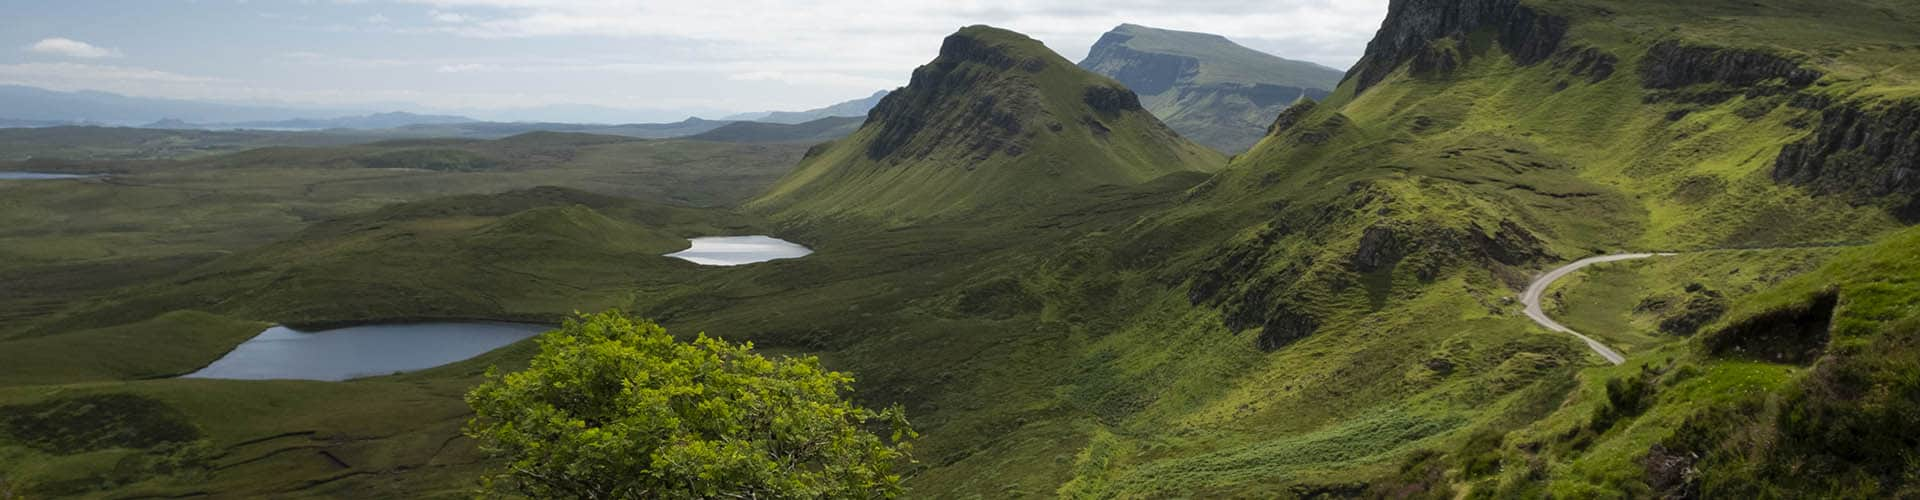 fotografía de paisaje con el valle verde eléctrico y los lagos de la Isla Skye en Escocia